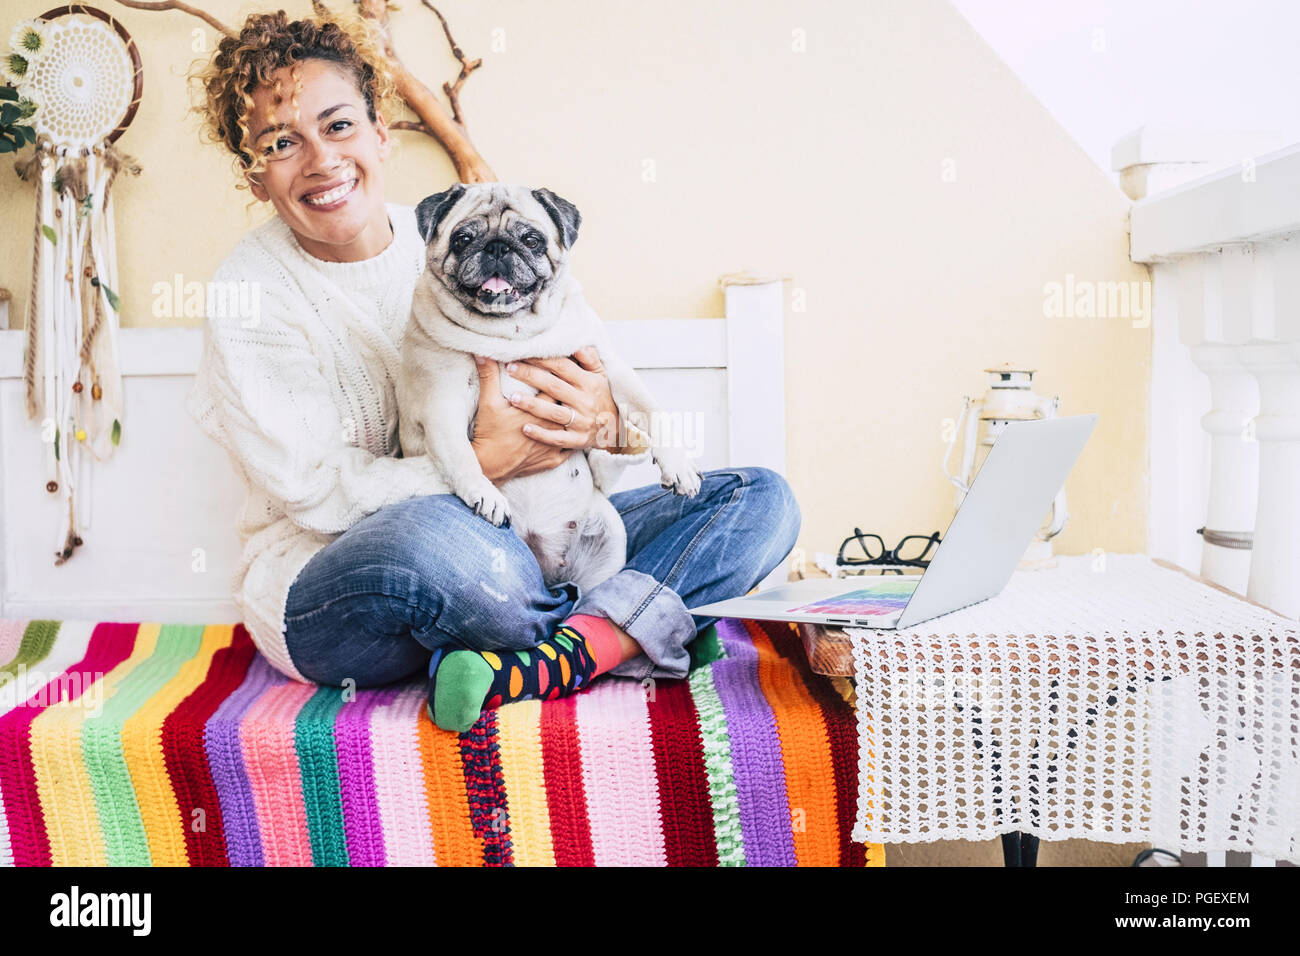 Le bonheur total pour la belle jeune femme caucasienne gai serra avec ses meilleurs amis fat dog pug smiling aussi. L'amitié à la maison et profiter de lifest Photo Stock